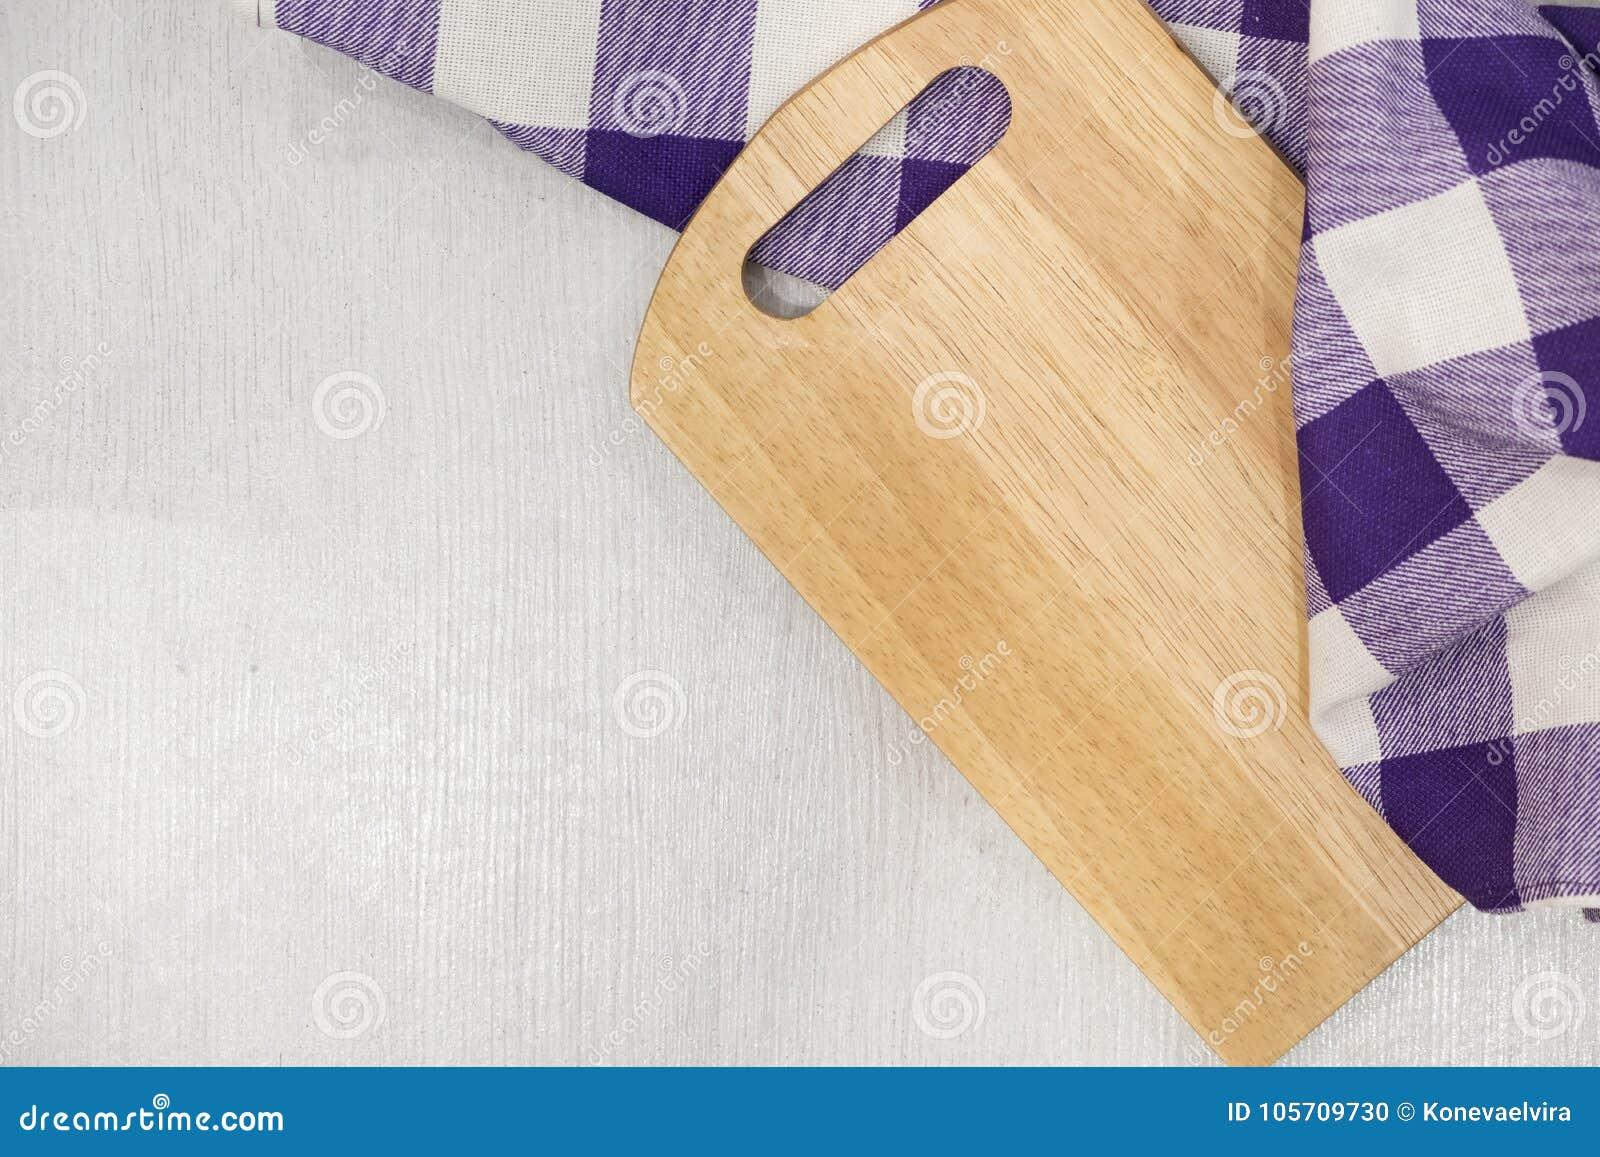 tagliere sopra l 39 asciugamano sul tavolo da cucina di legno. Black Bedroom Furniture Sets. Home Design Ideas